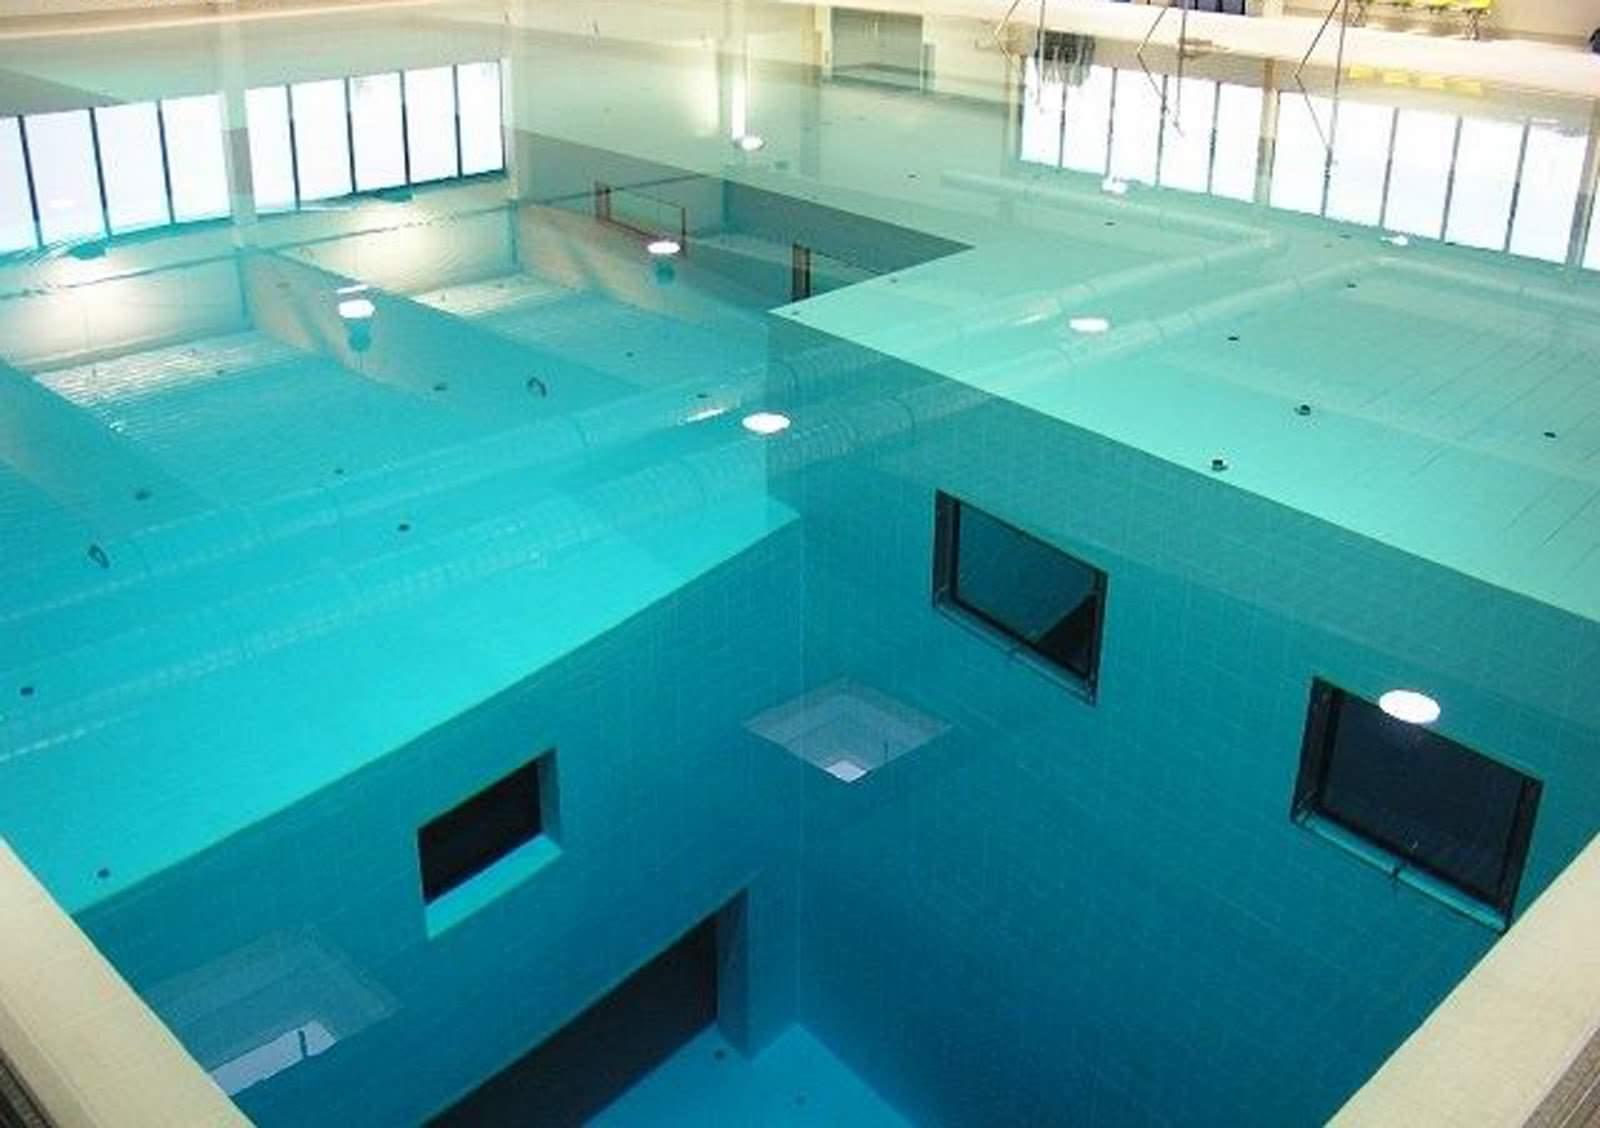 Места  За буйки не заплывать. В Курске построят бассейн для дайвинга